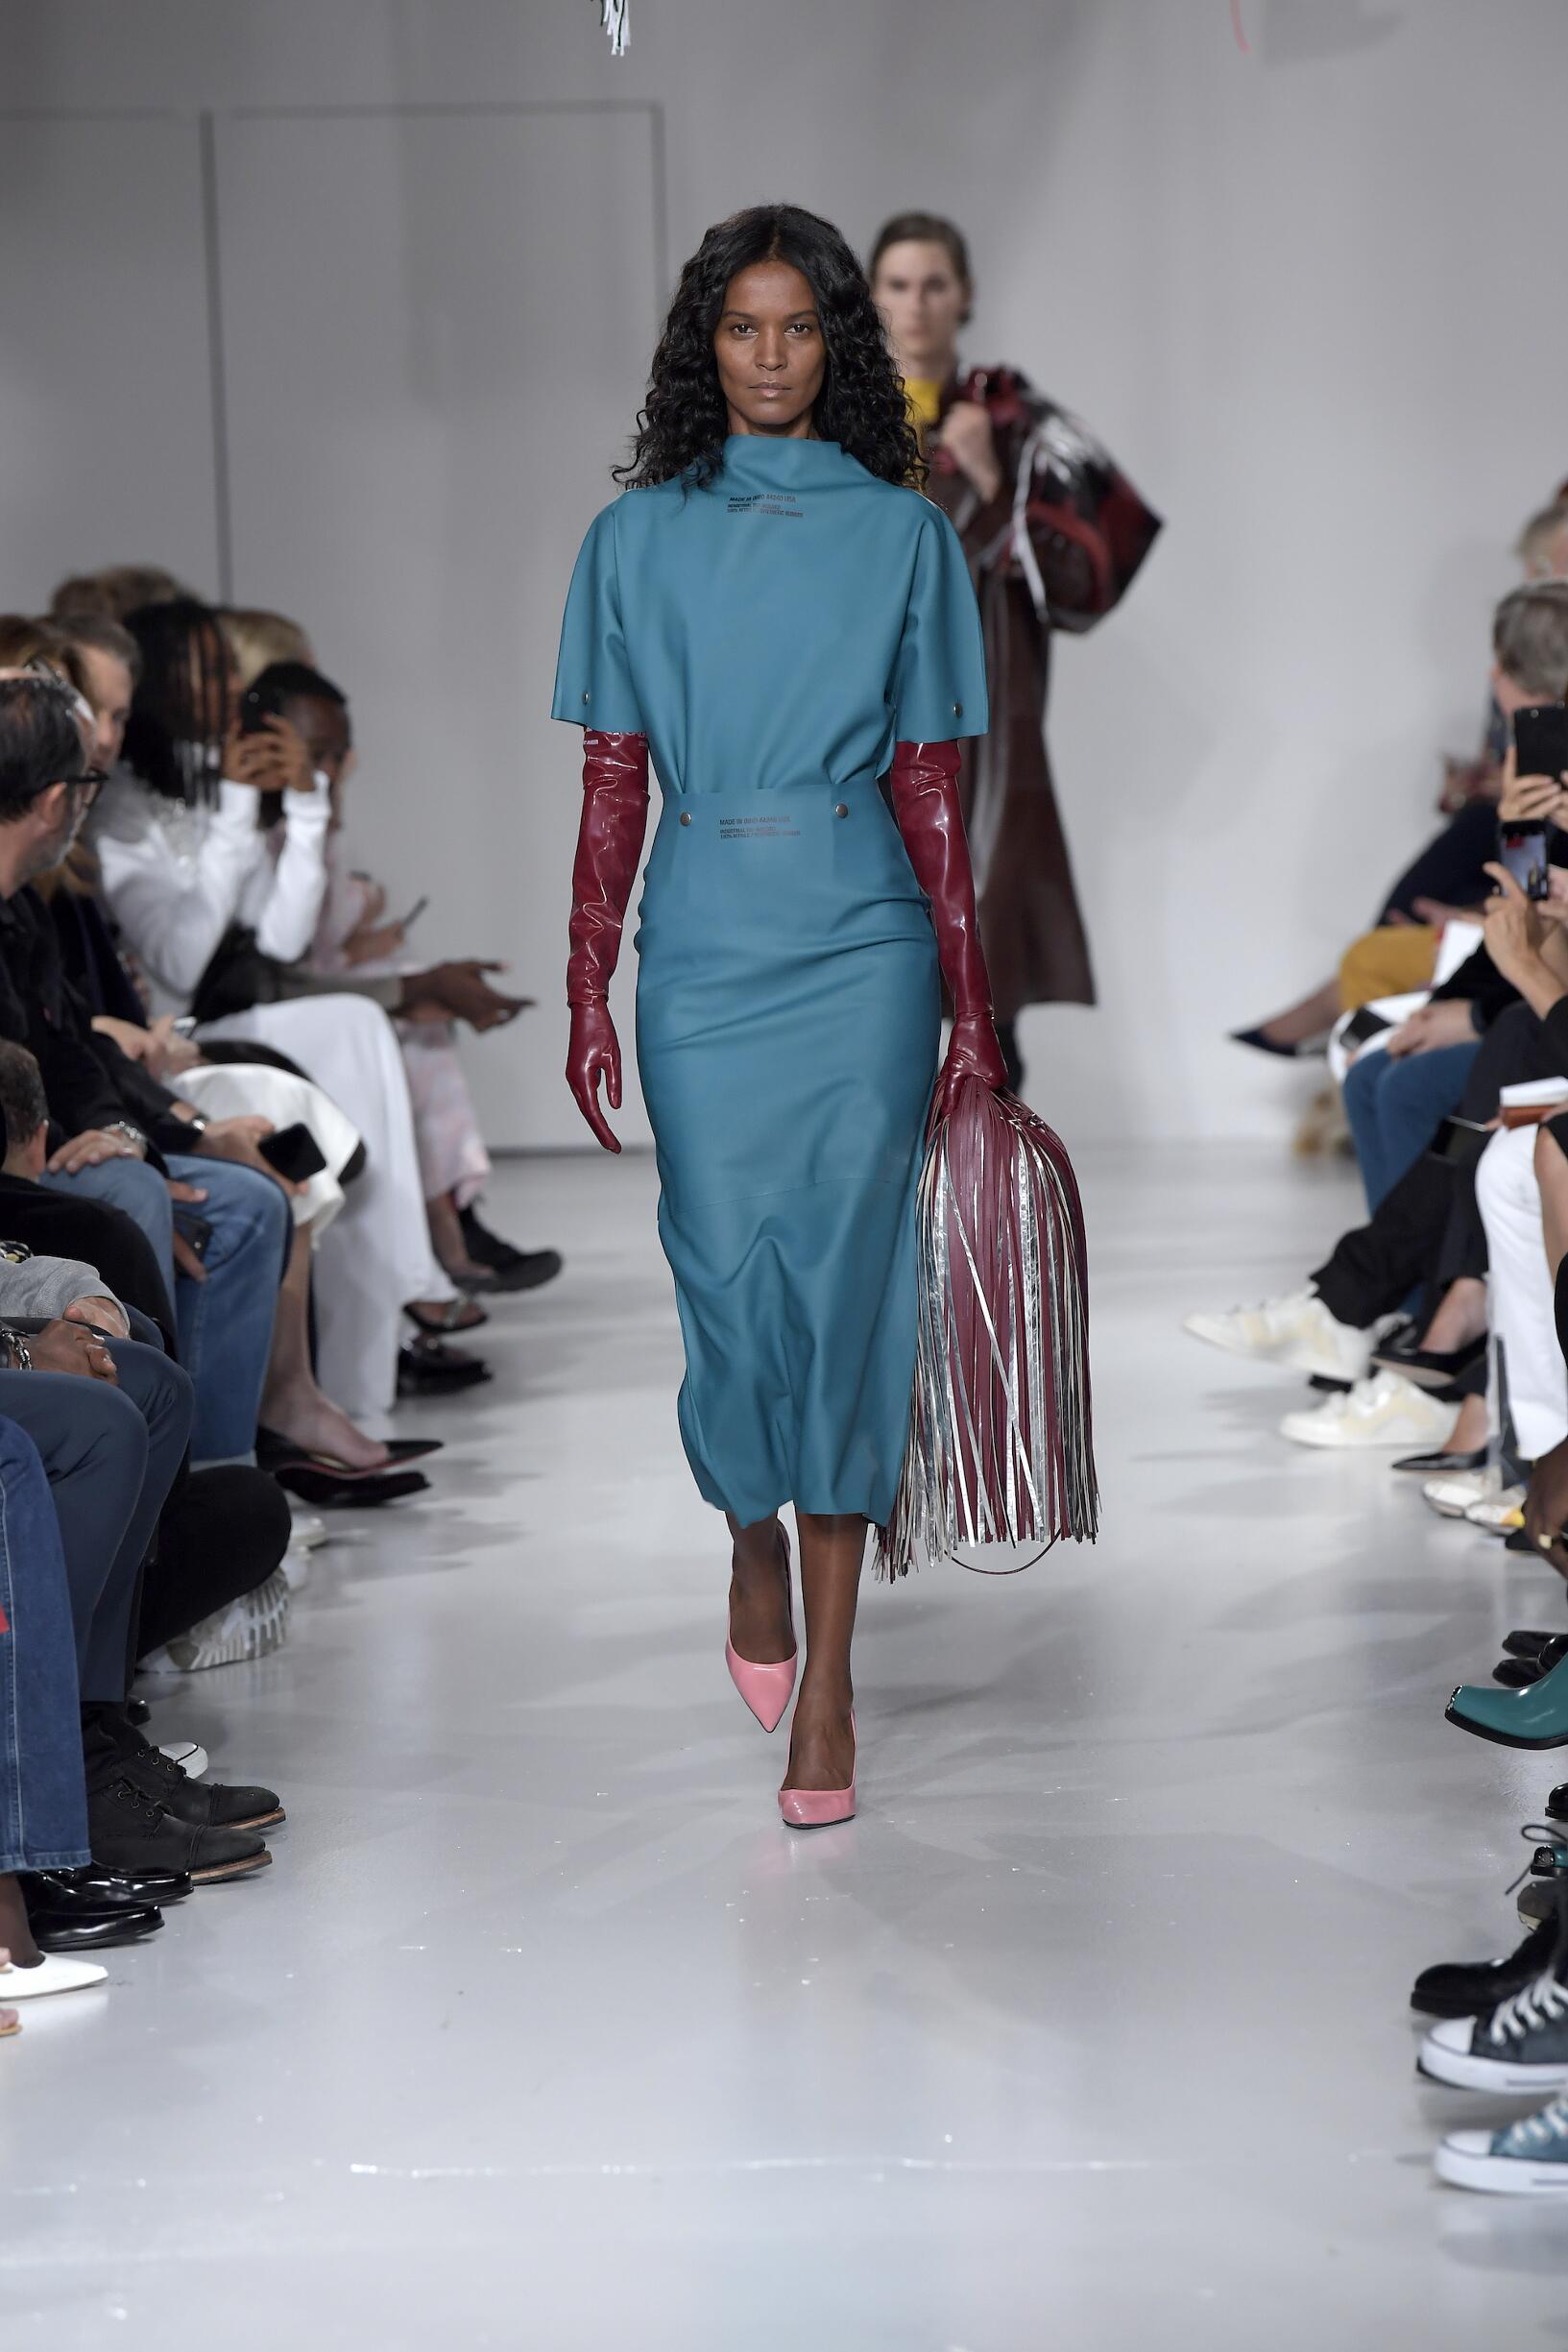 2018 Calvin Klein 205W39NYC Summer Runway Show